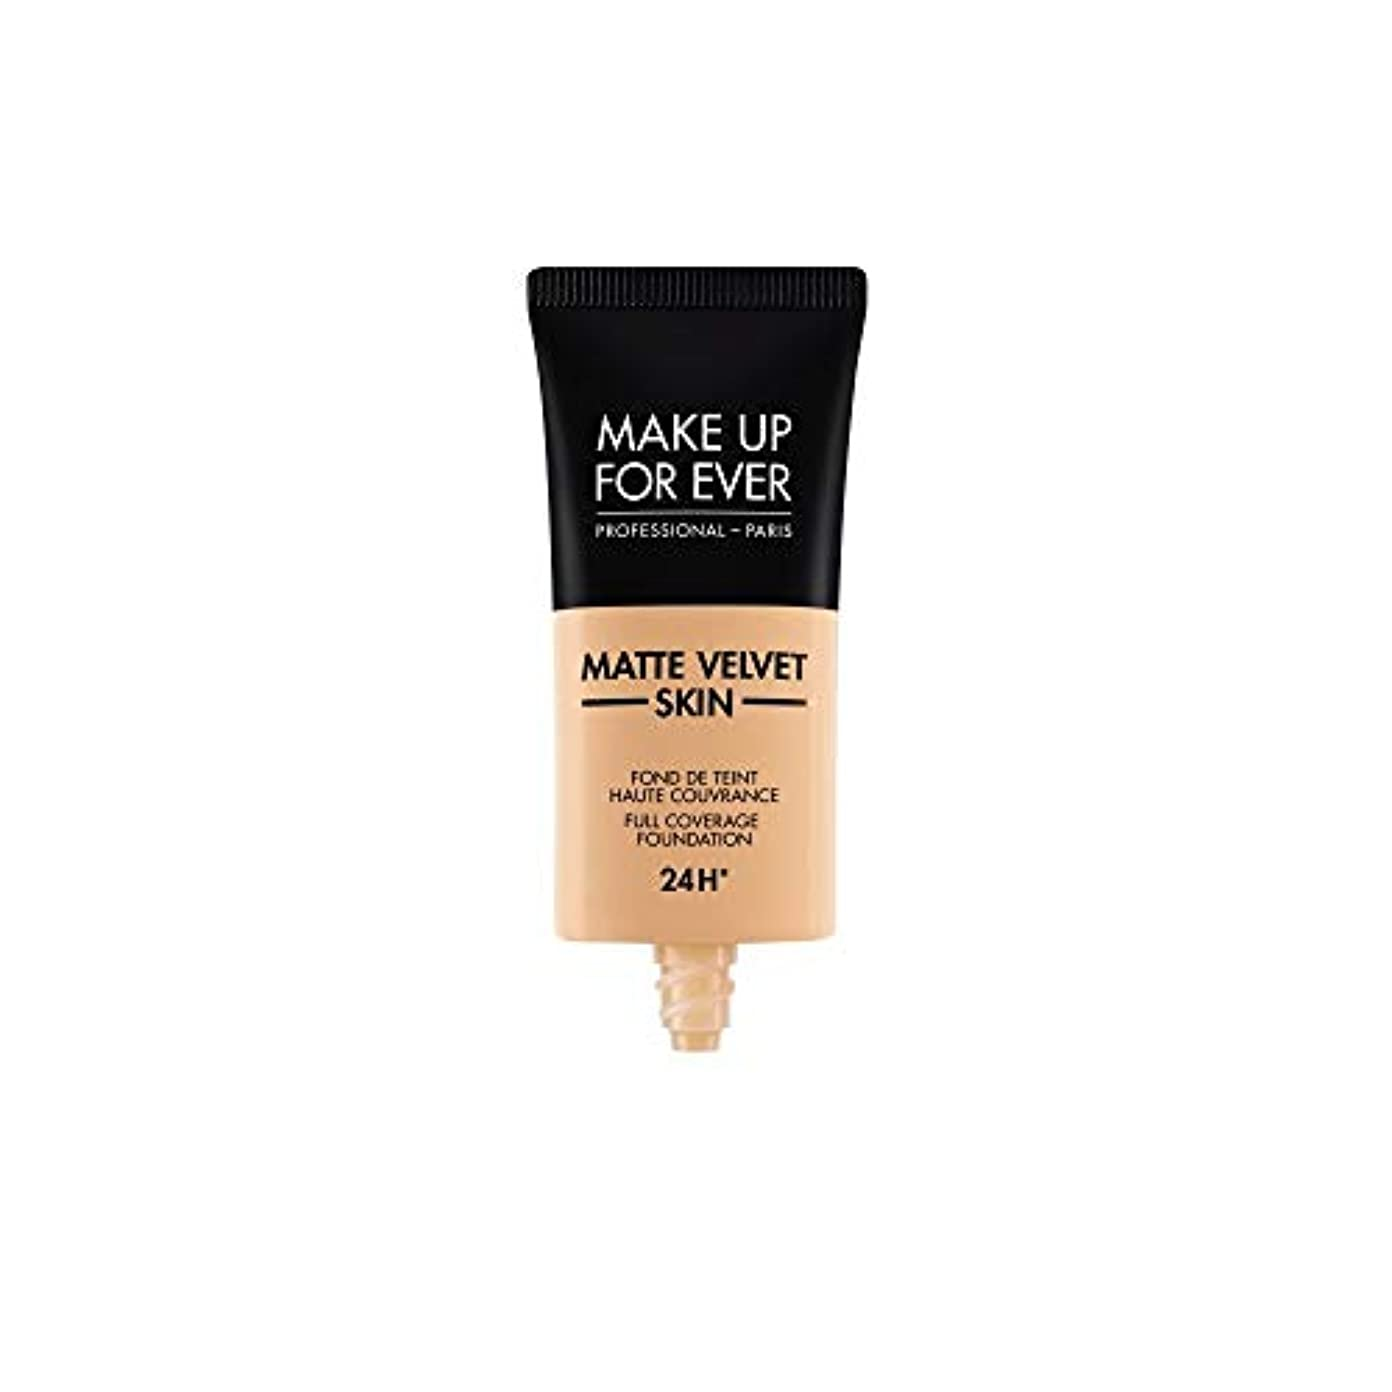 バルーンかろうじてウィスキーメイクアップフォーエバー Matte Velvet Skin Full Coverage Foundation - # Y305 (Soft Beige) 30ml/1oz並行輸入品